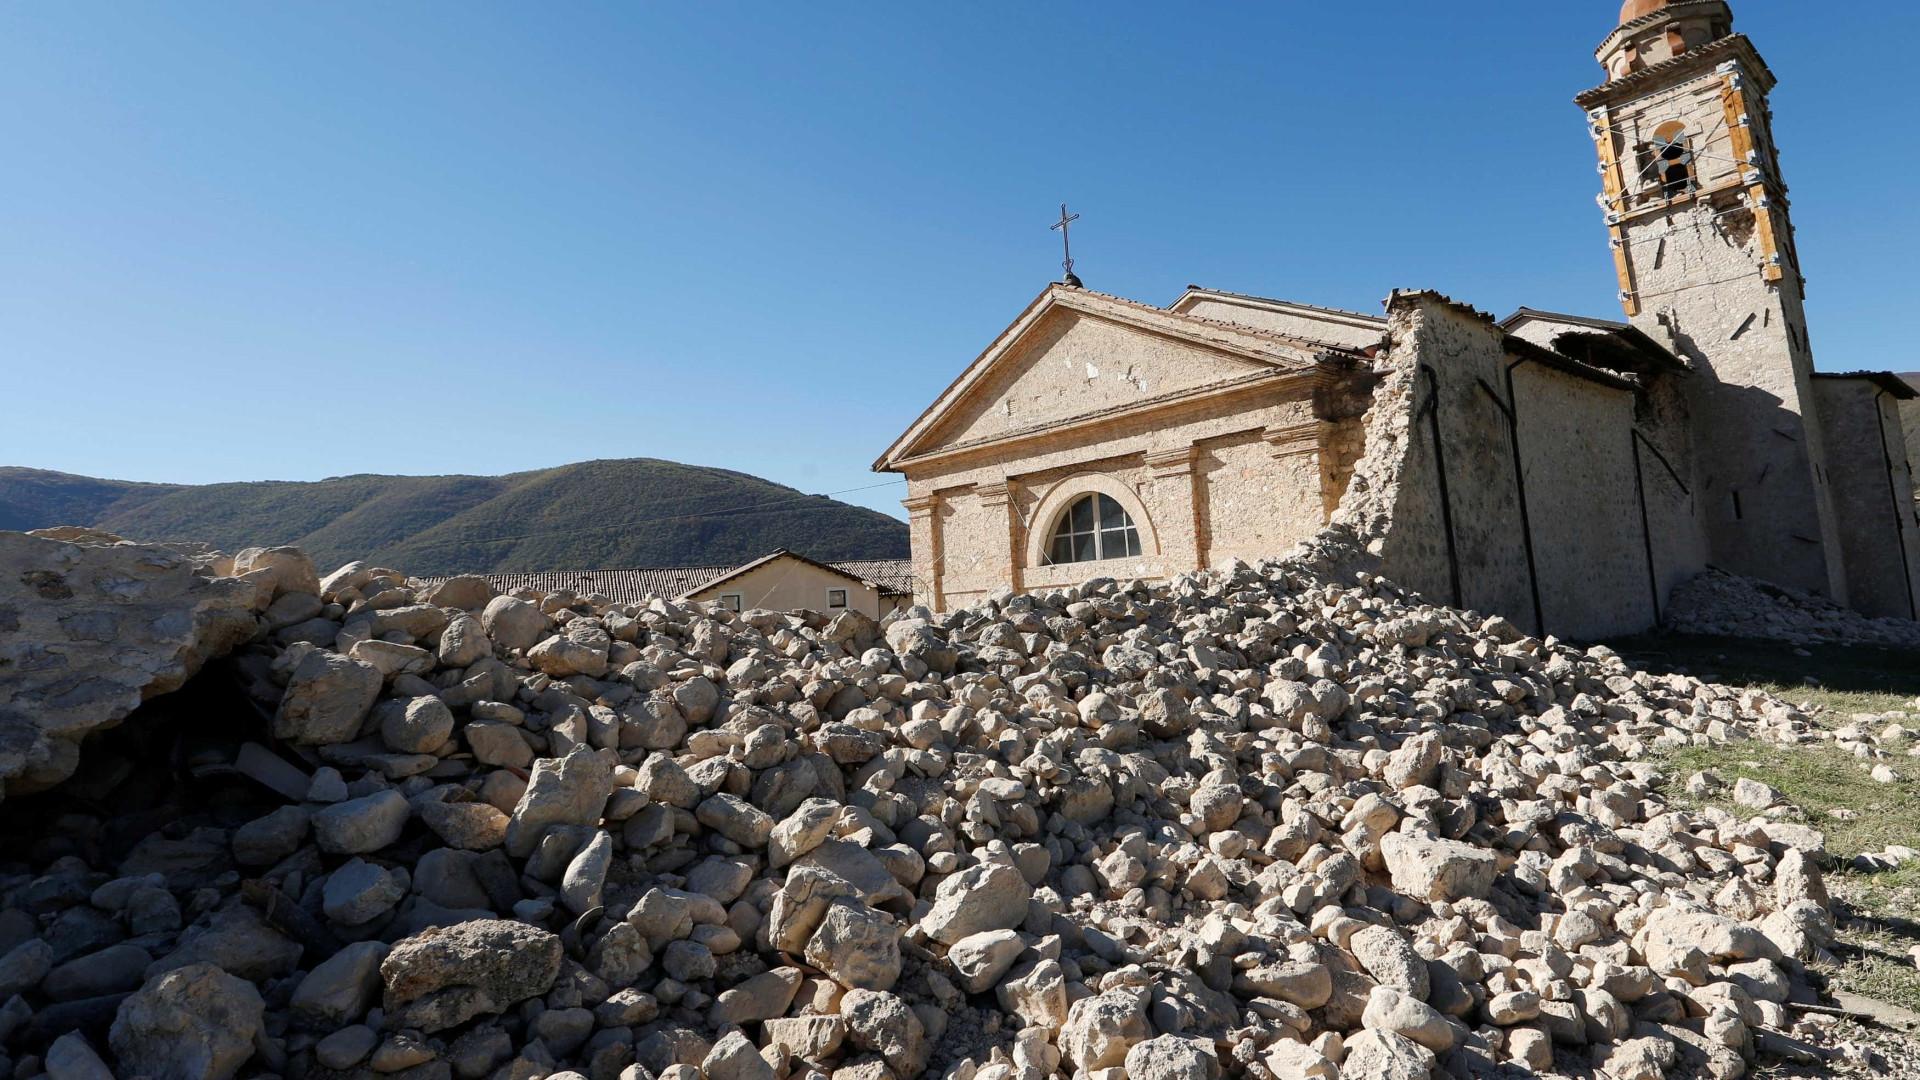 Terremoto na Itália pode ter afundado  solo em mais de 25 cm